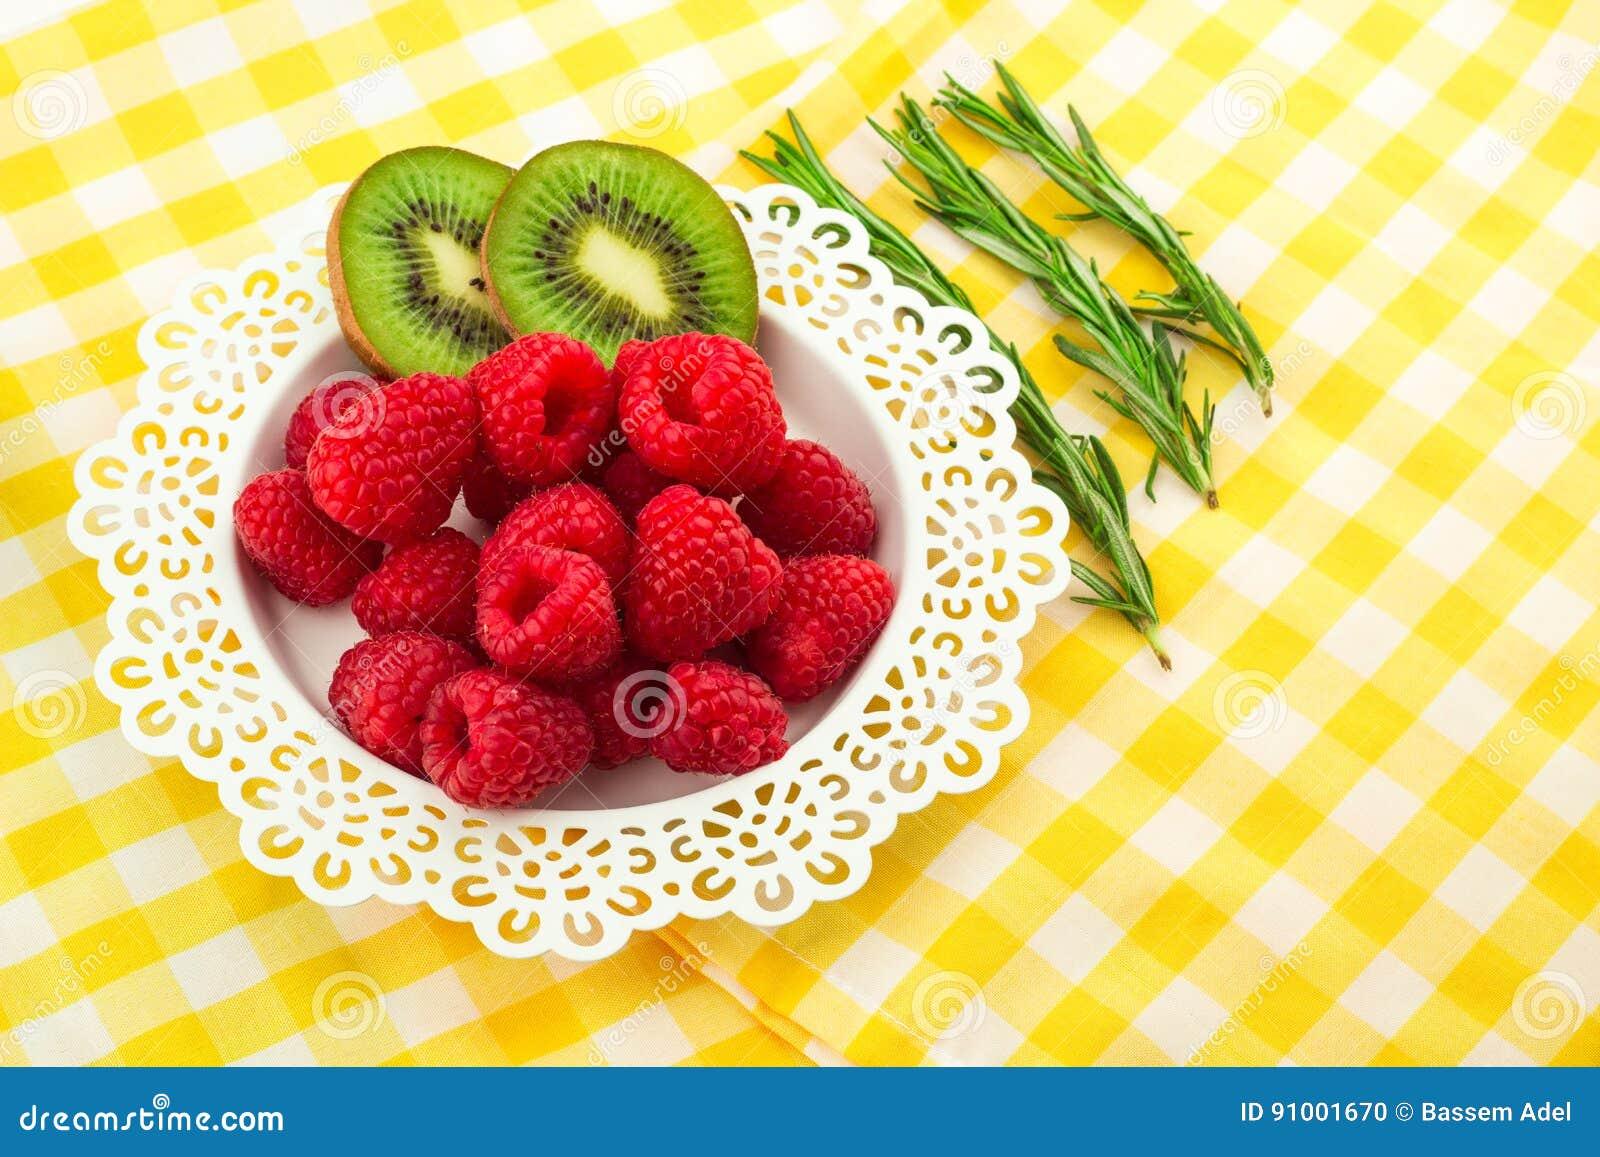 Frambuesas rojas frescas en una placa artística blanca